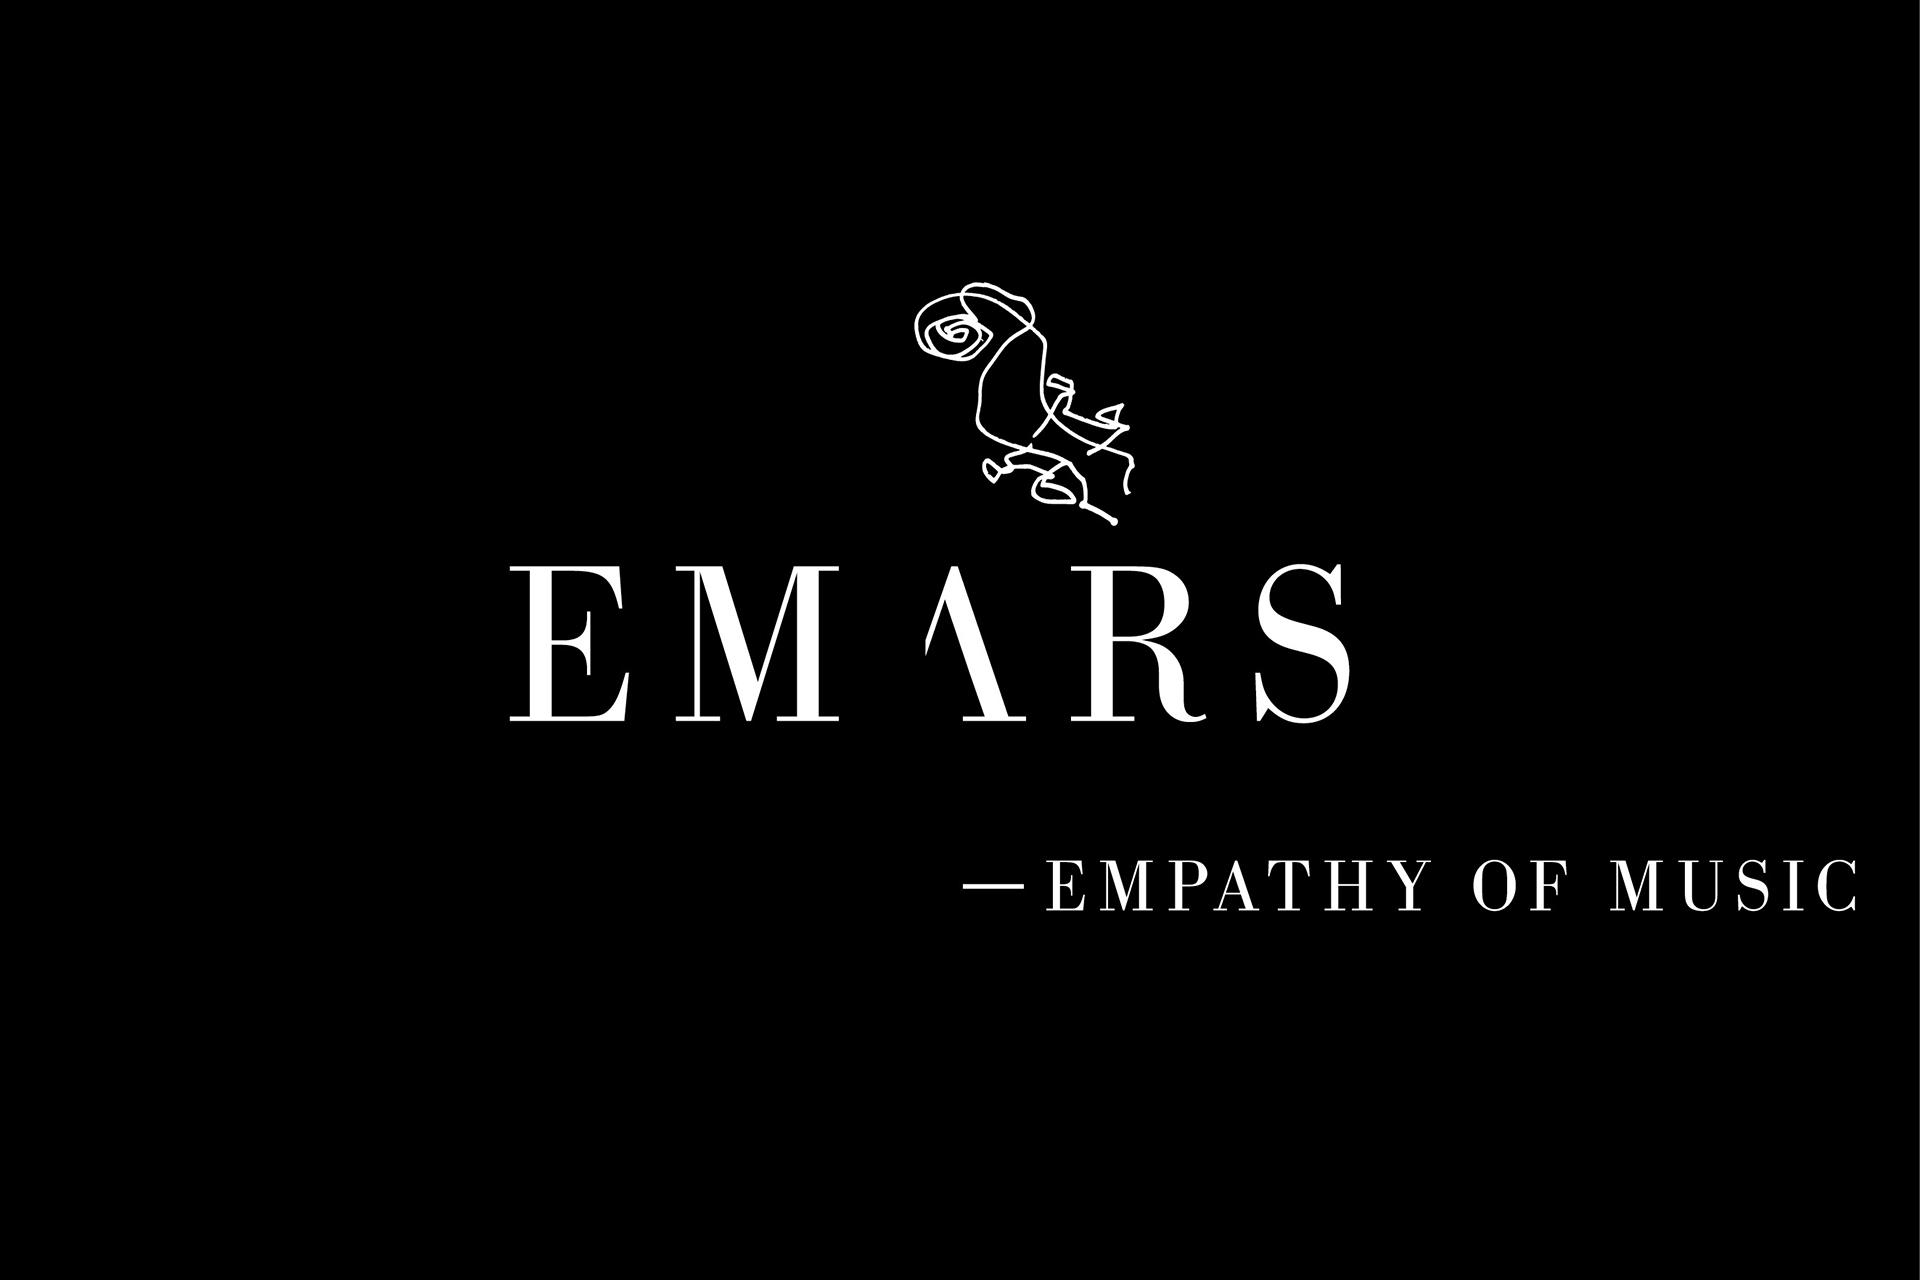 EMARS_ZNAK_